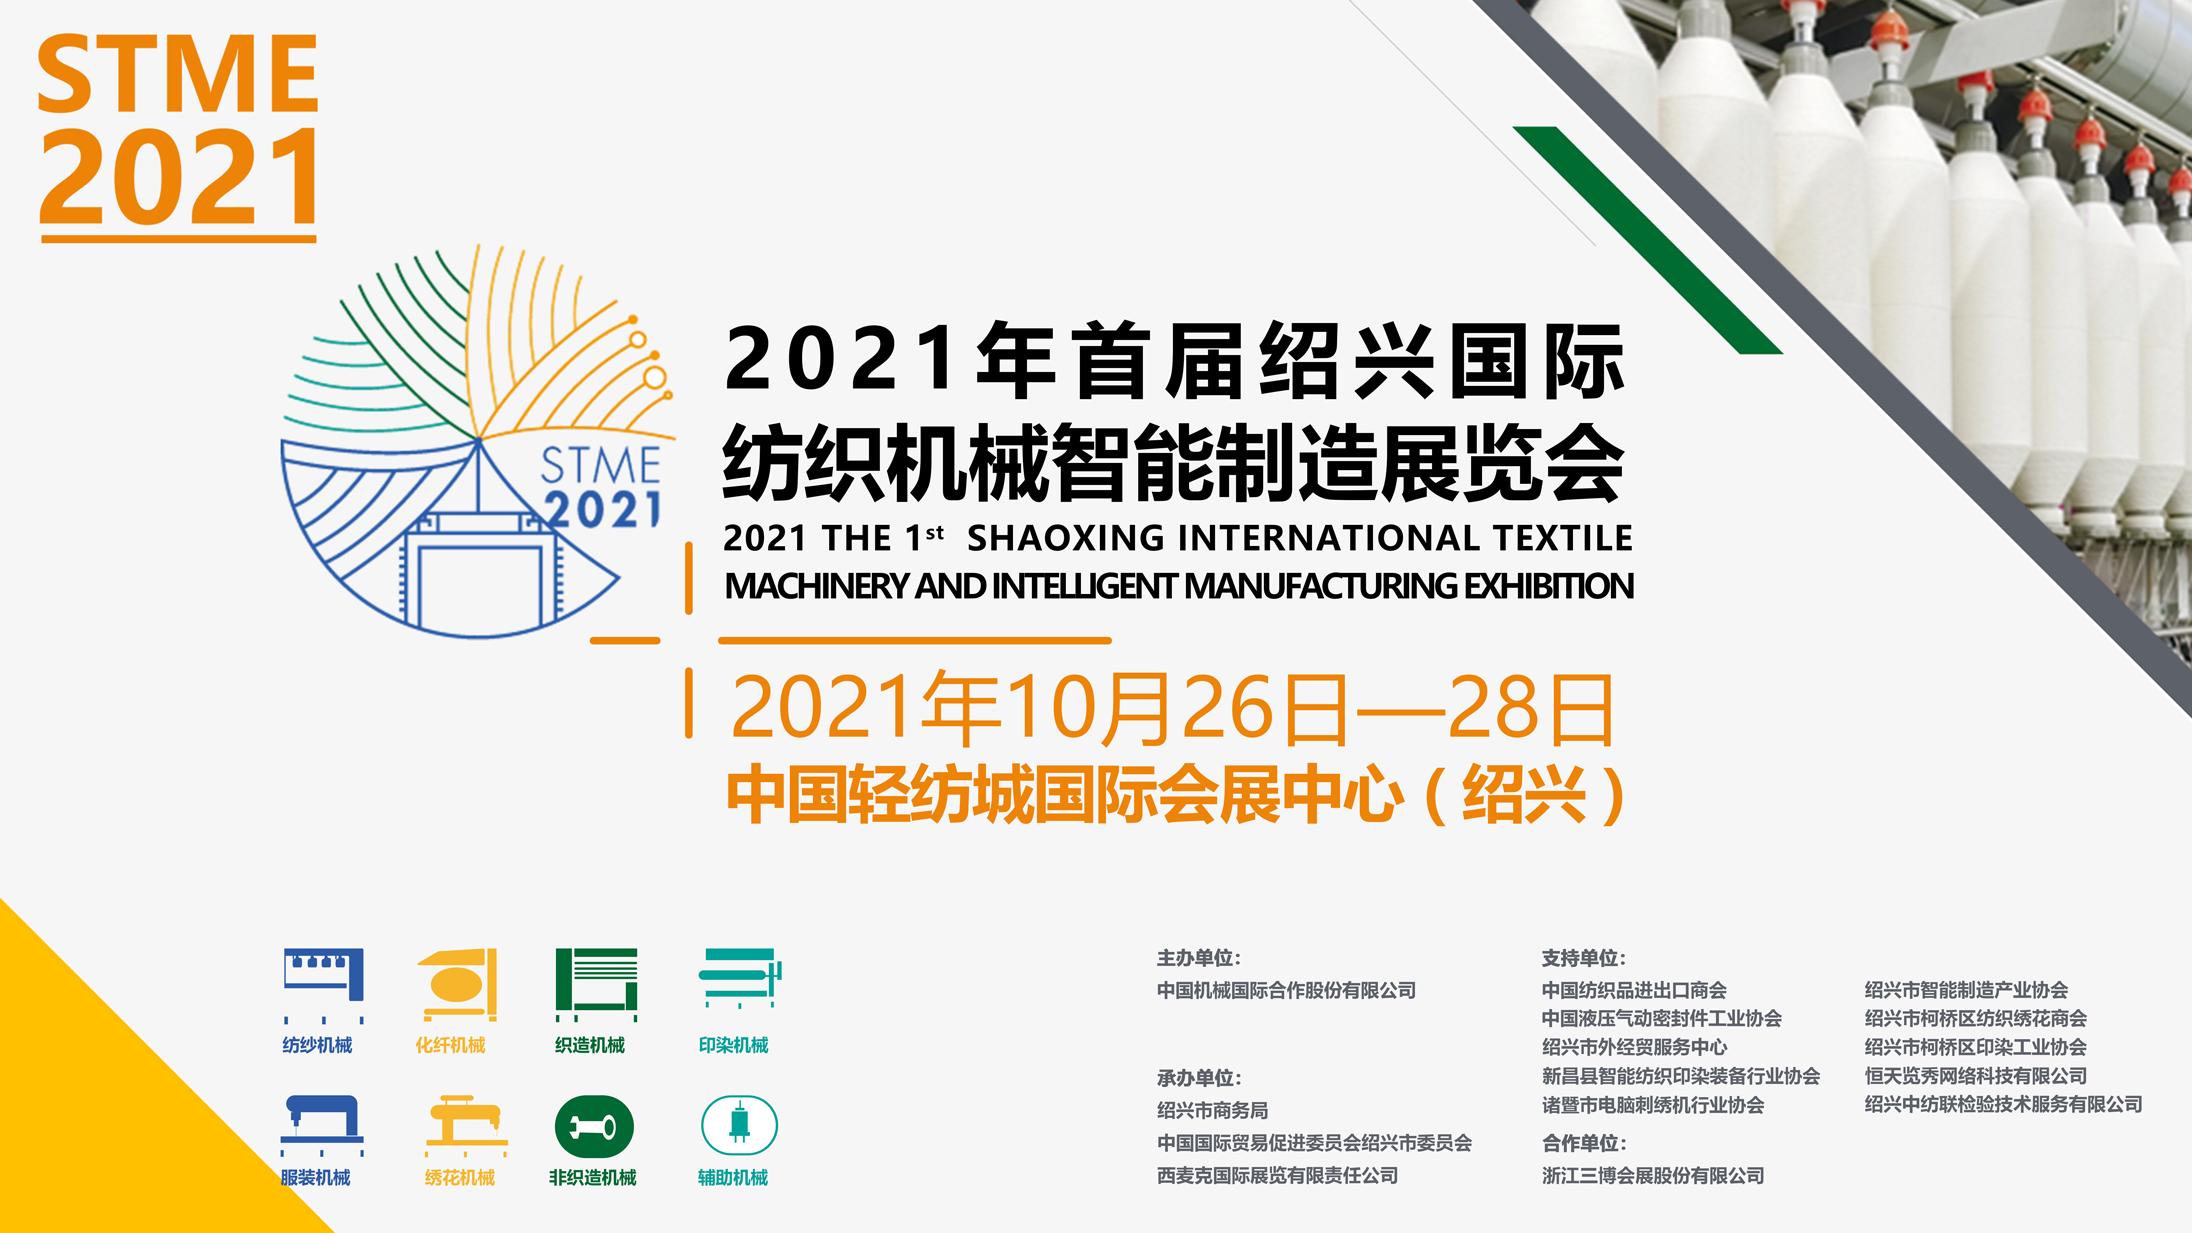 2021年绍兴国际纺织机械智能制造展览会